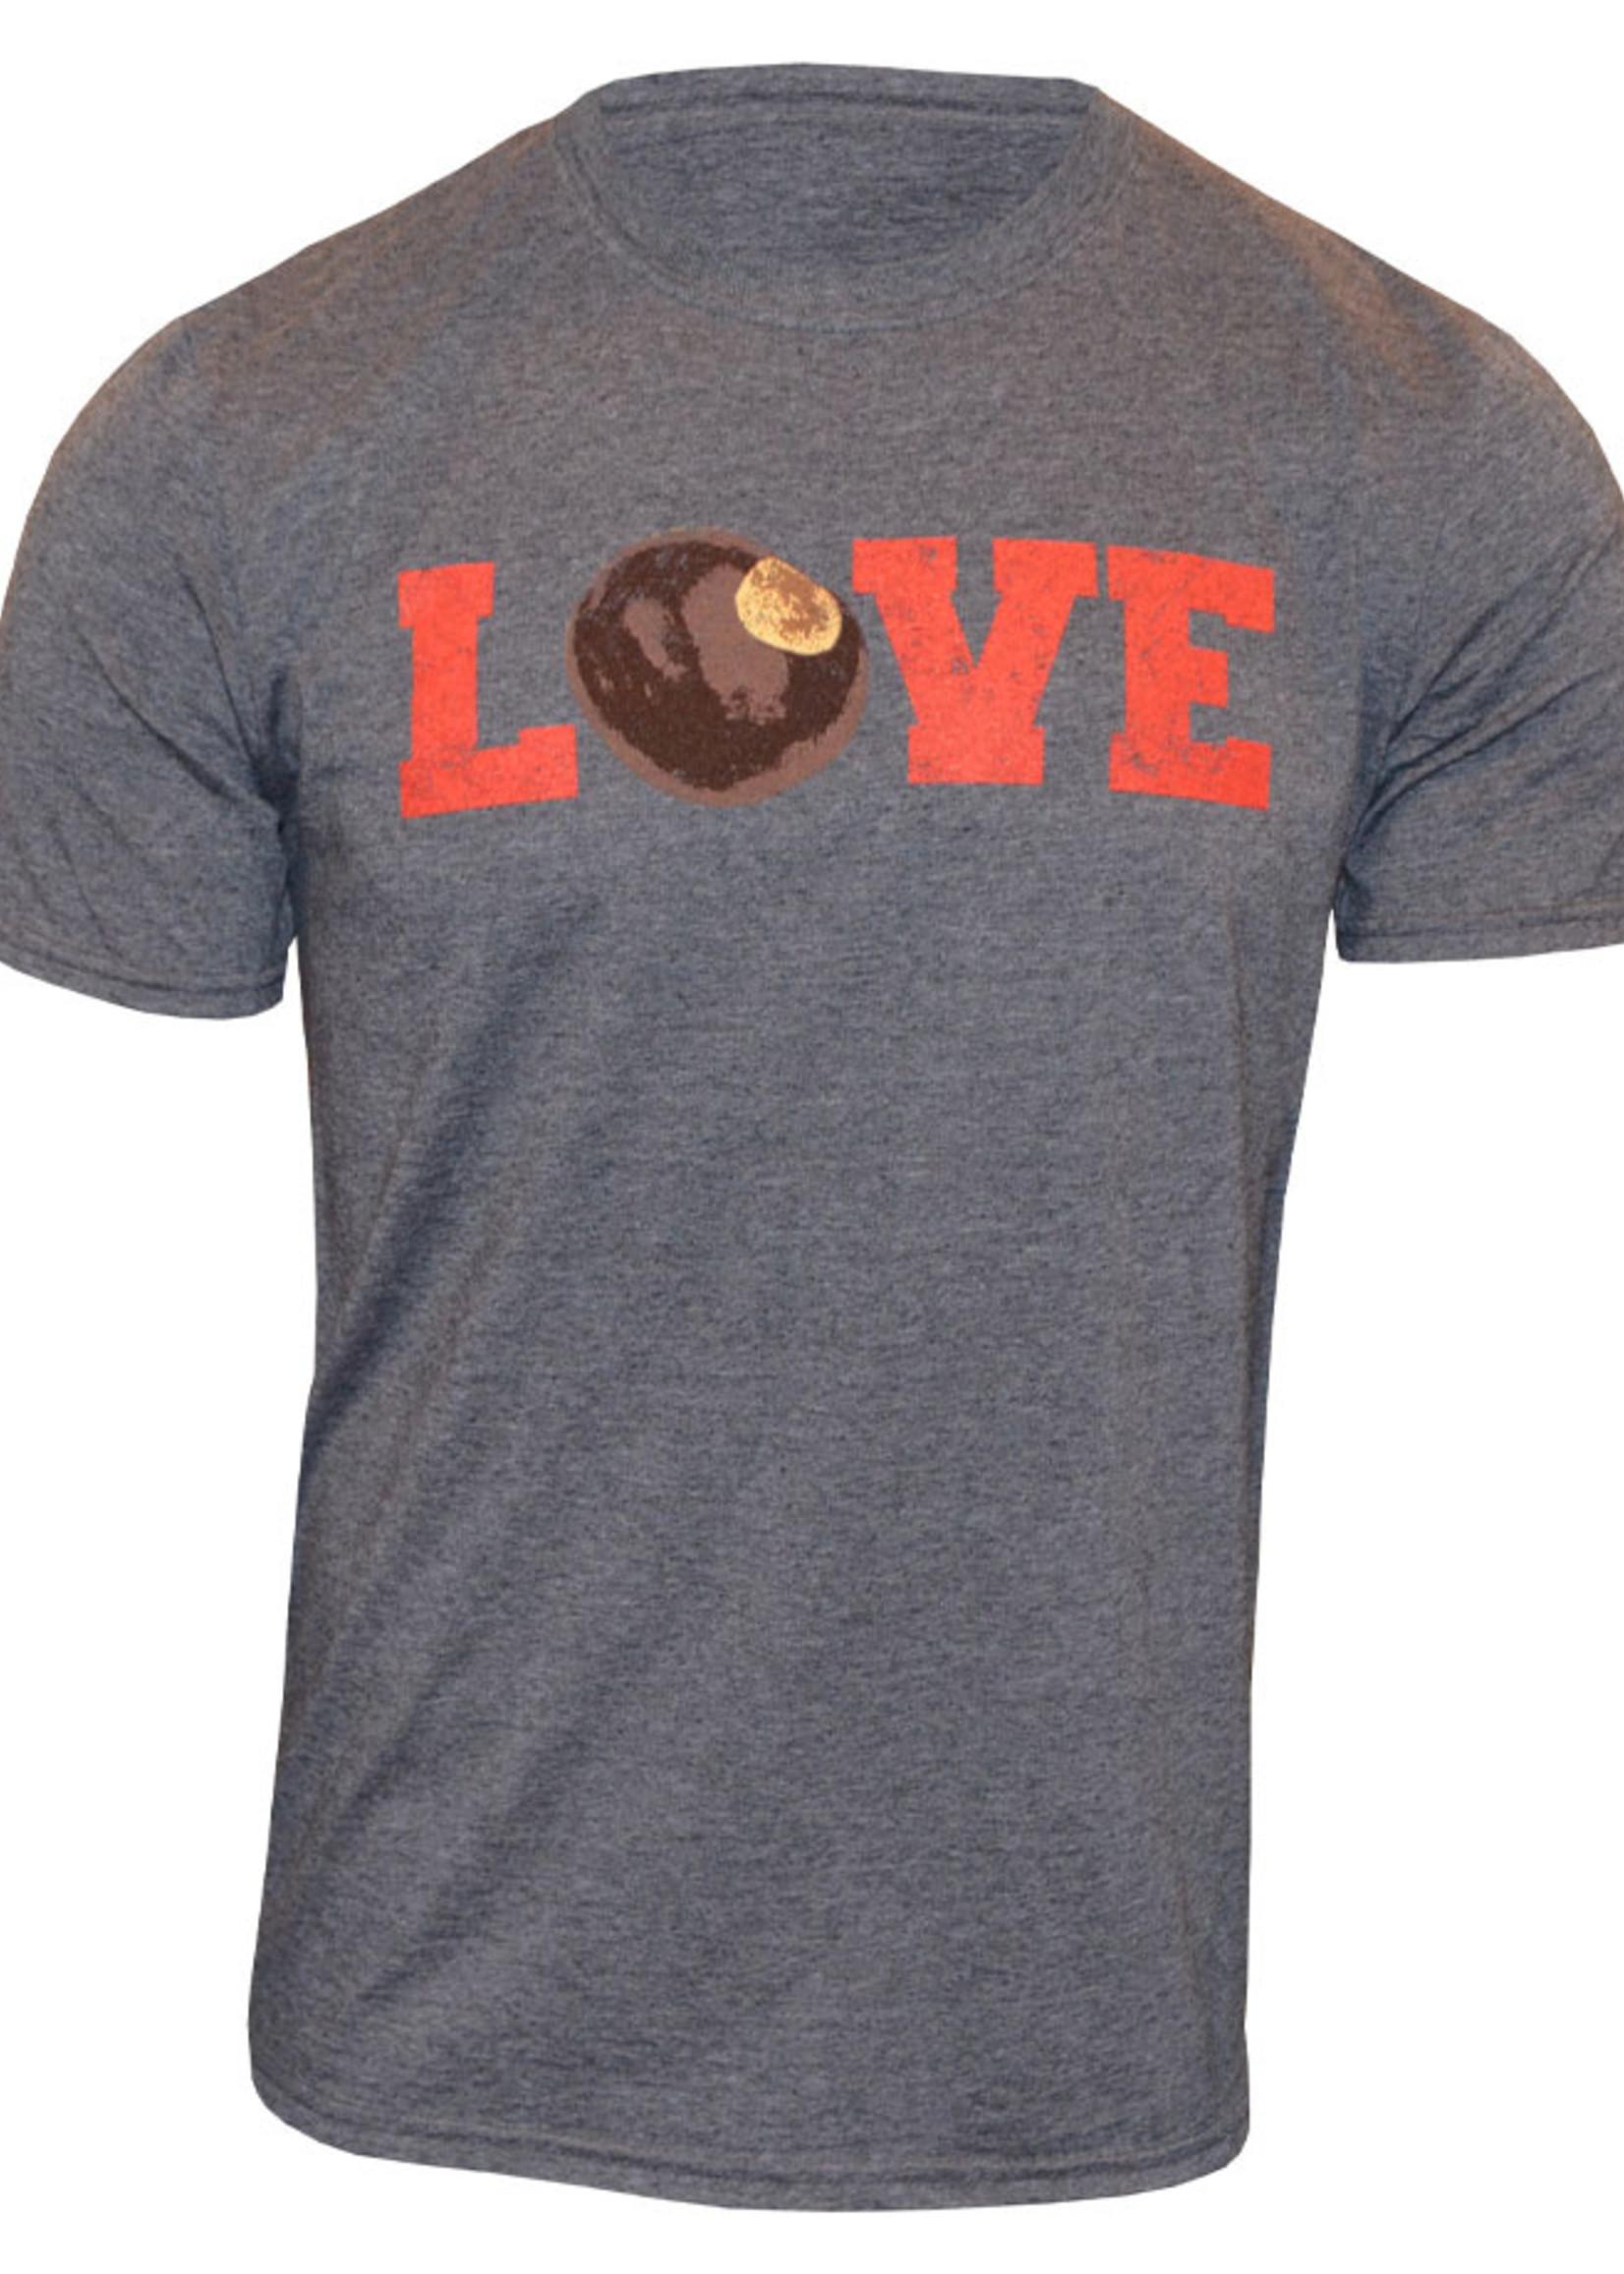 Ohio State Buckeyes Love T-Shirt